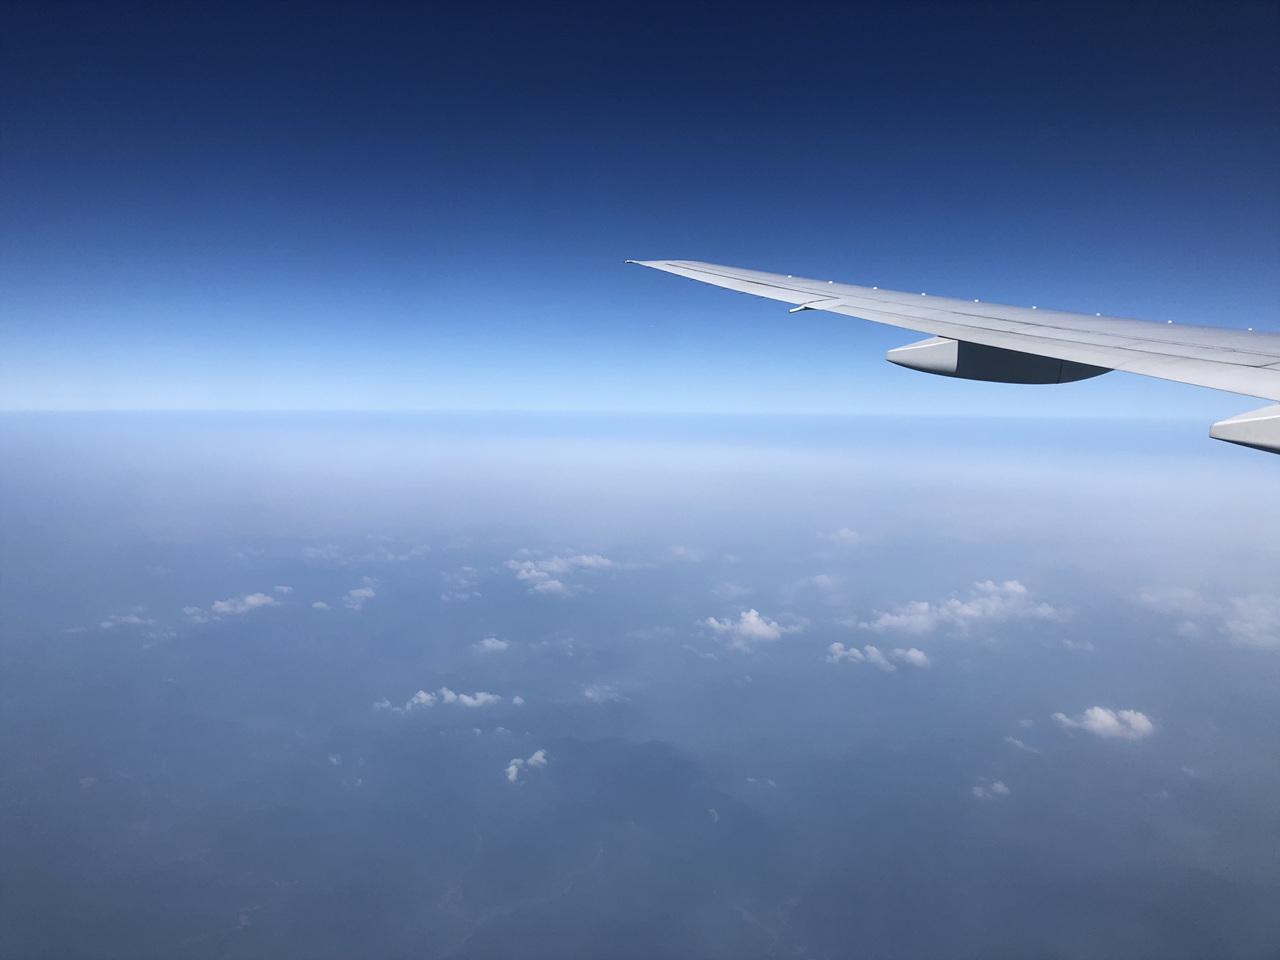 비행 중에 보는 구름 하늘을 나는 비행기는 인간에게 꿈과 현실을 결합시키는 매개체이다.